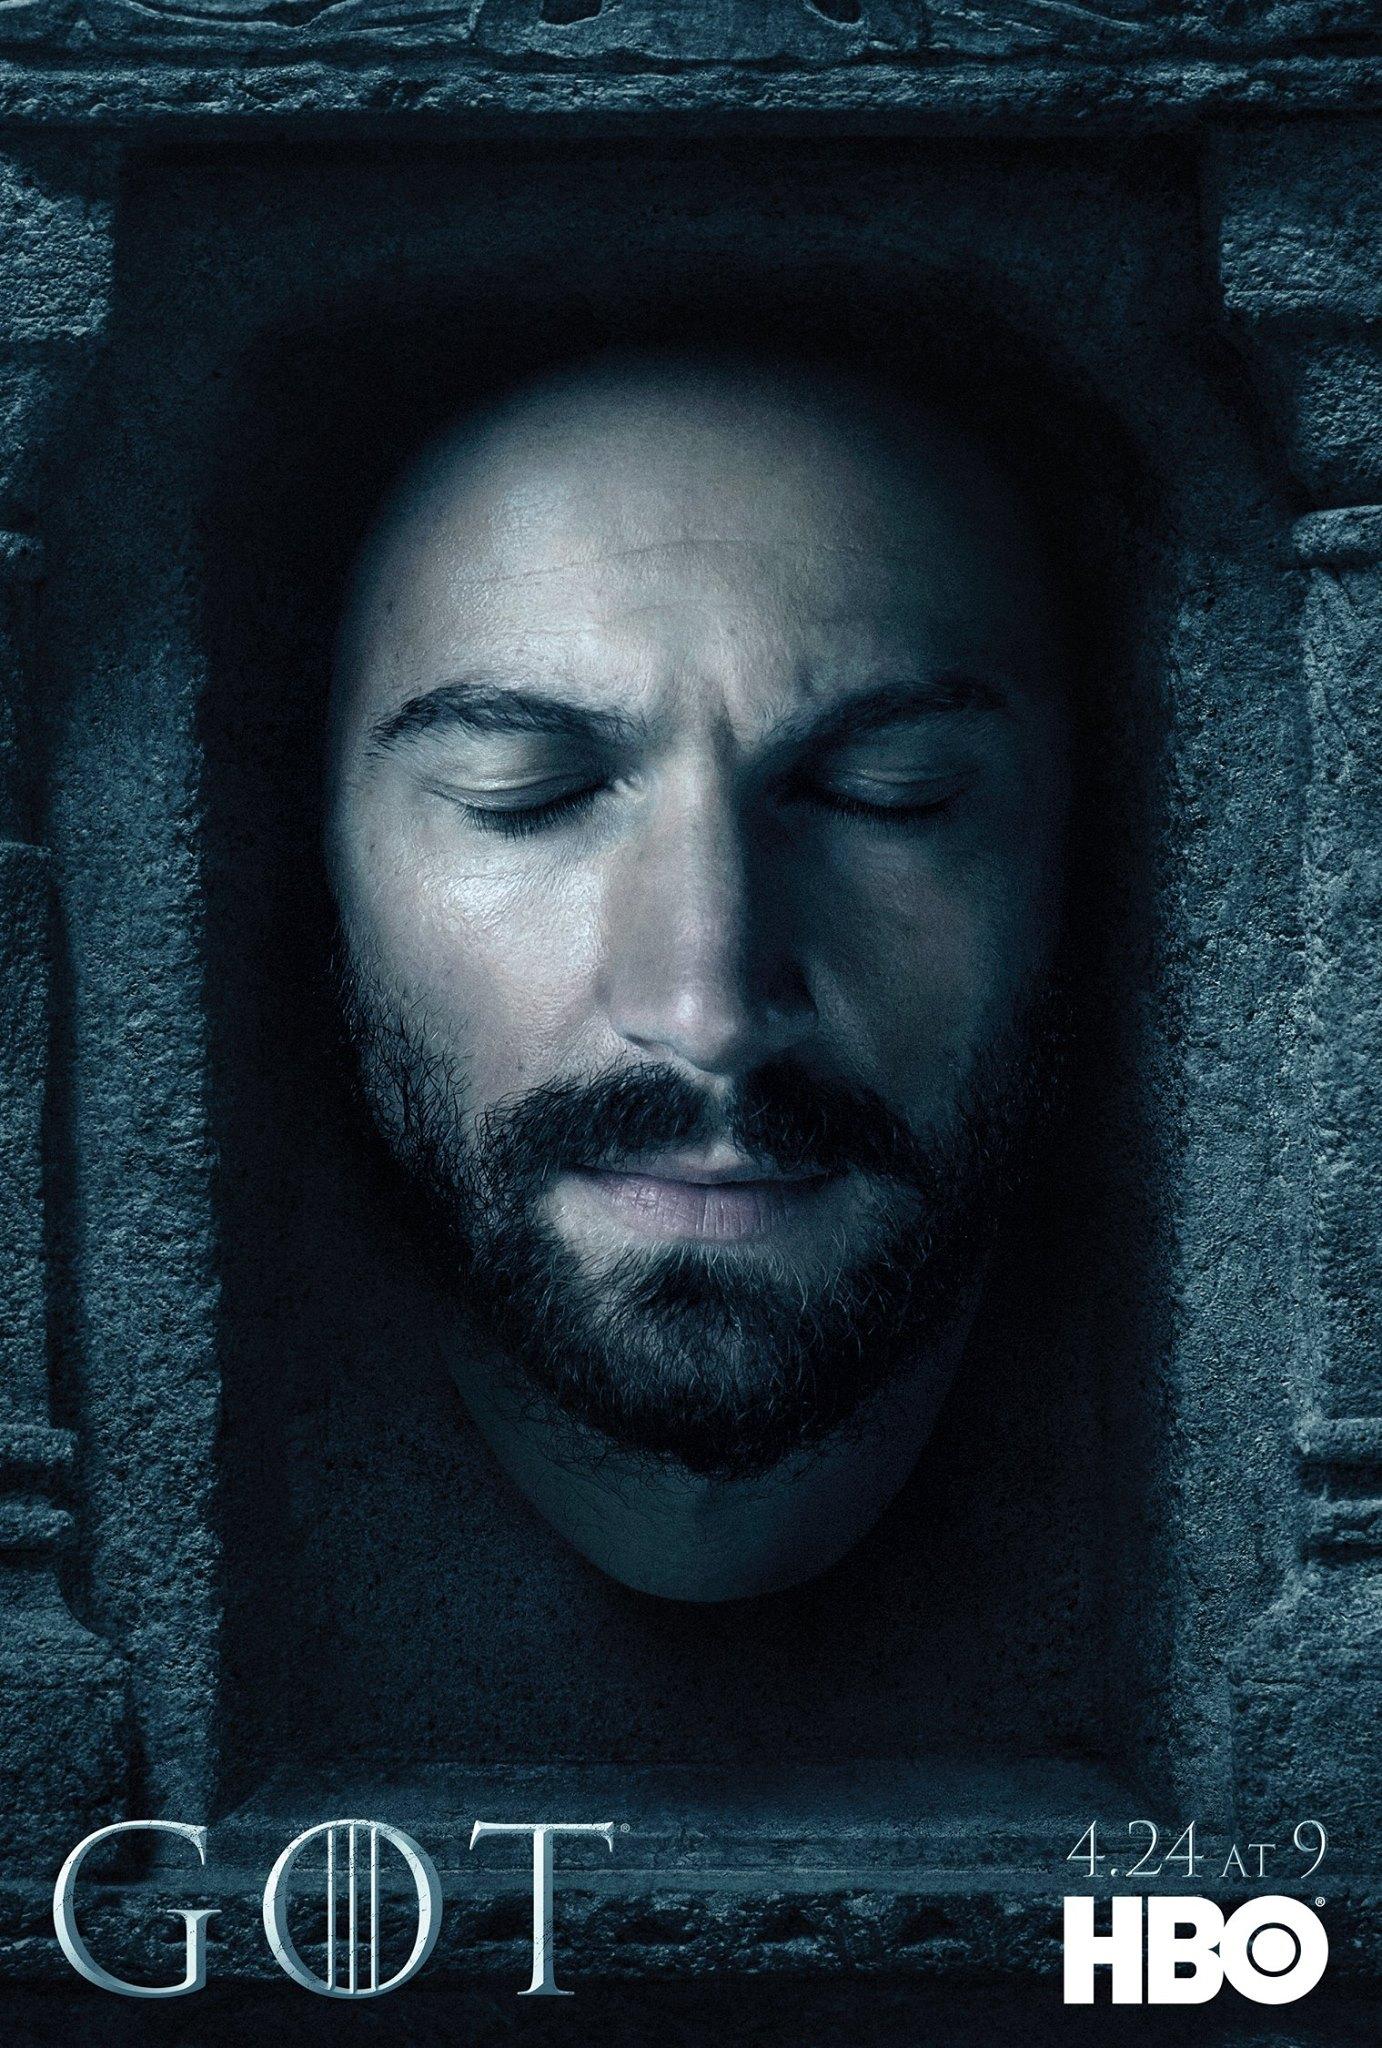 Il trono di spade: il character poster di Daario